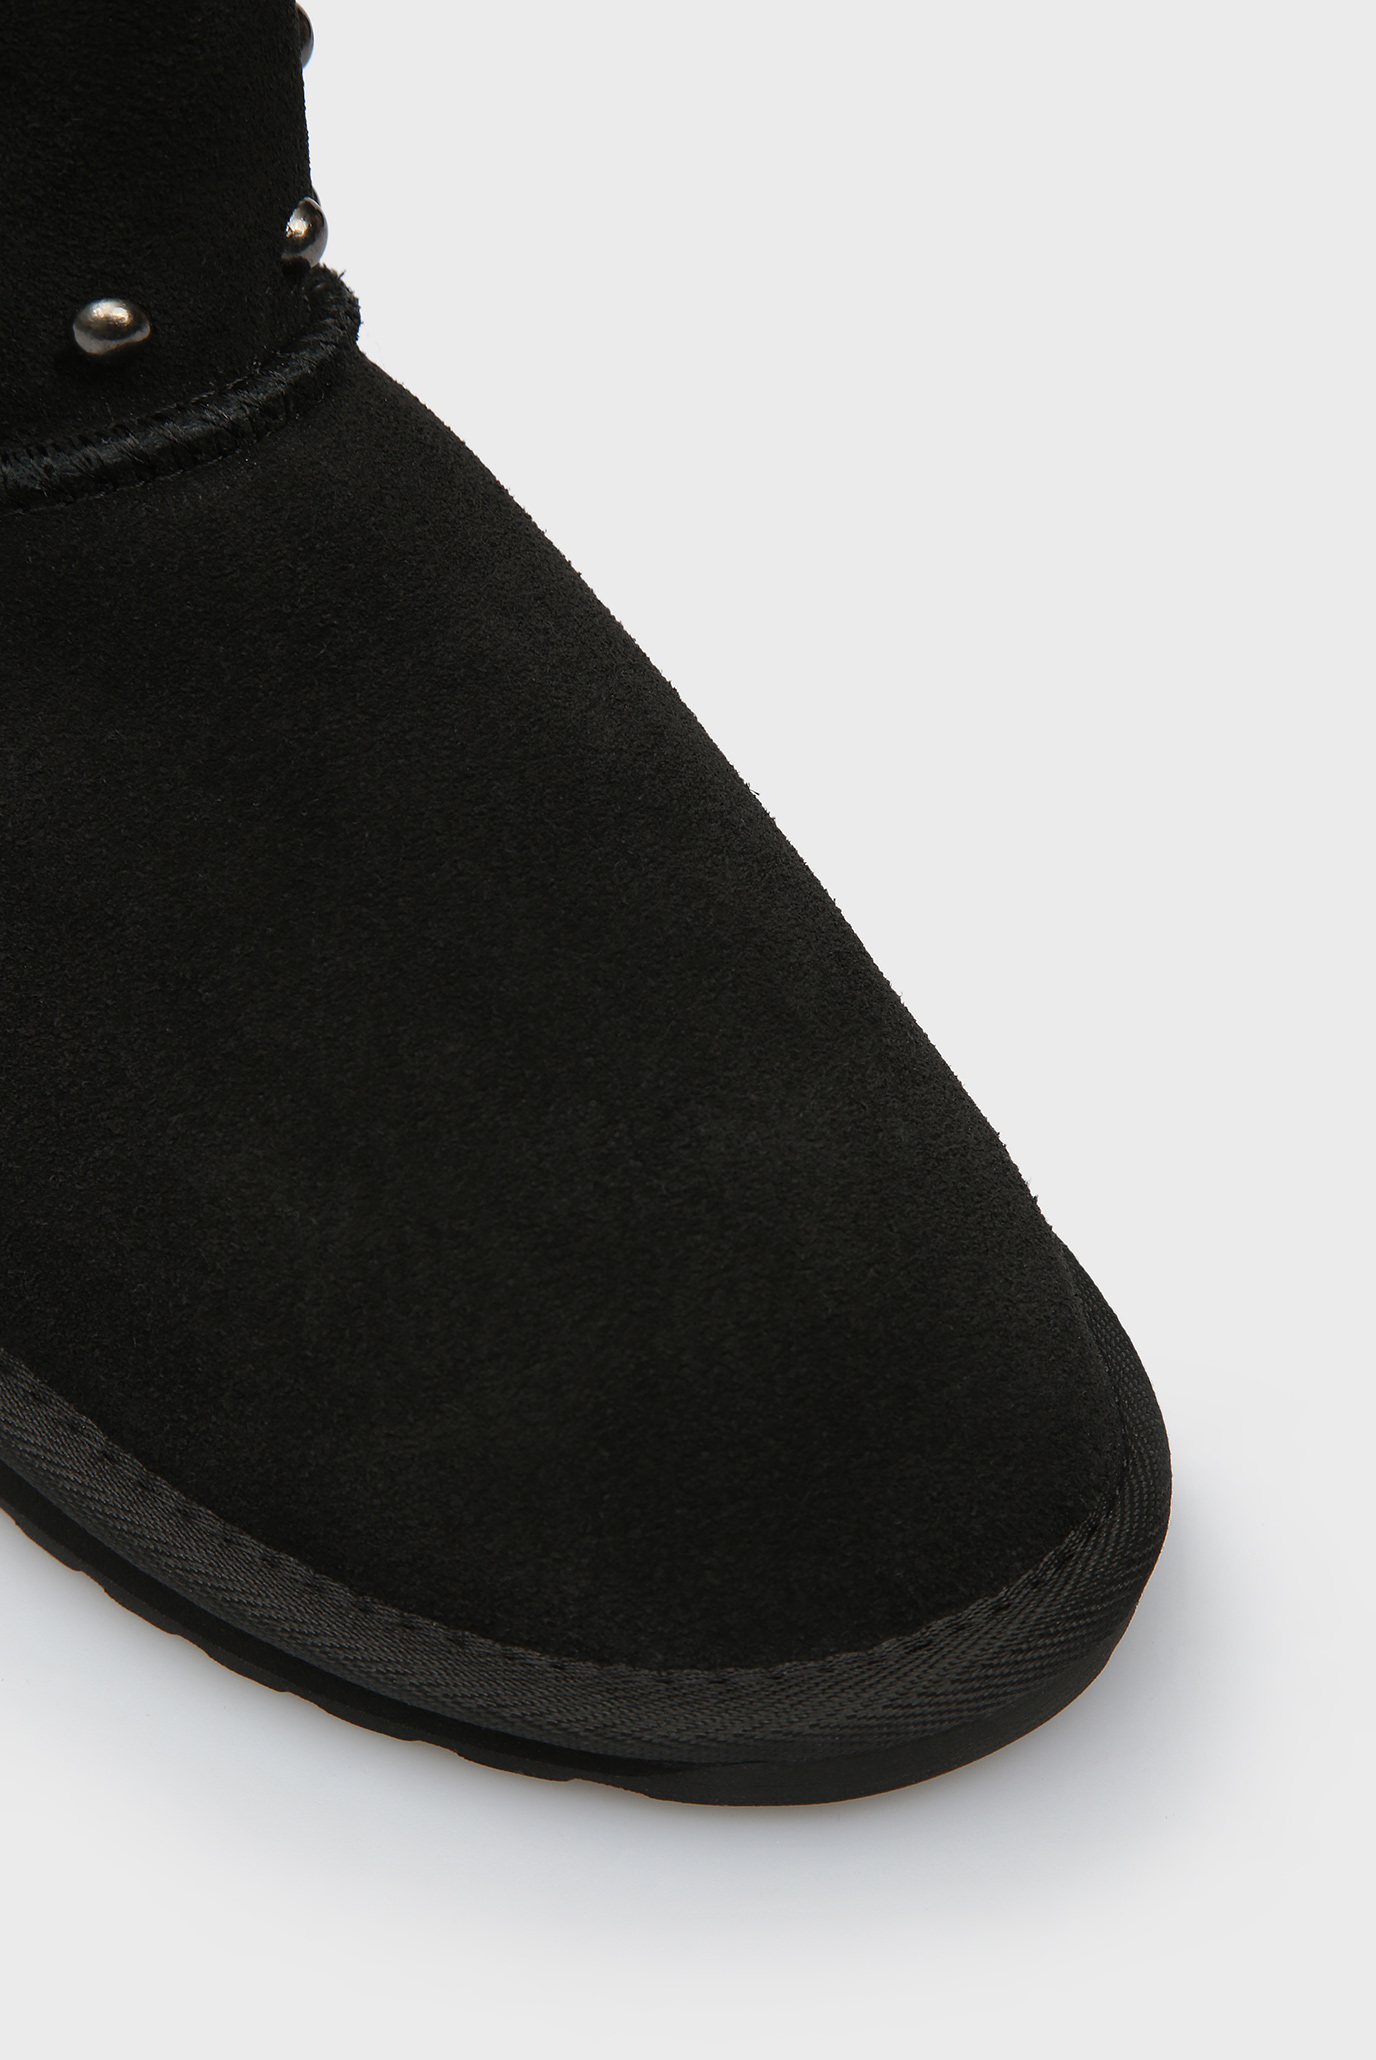 Купить Женские черные замшевые угги Stinger Stud Mini EMU Australia  EMU Australia  W11885 – Киев, Украина. Цены в интернет магазине MD Fashion